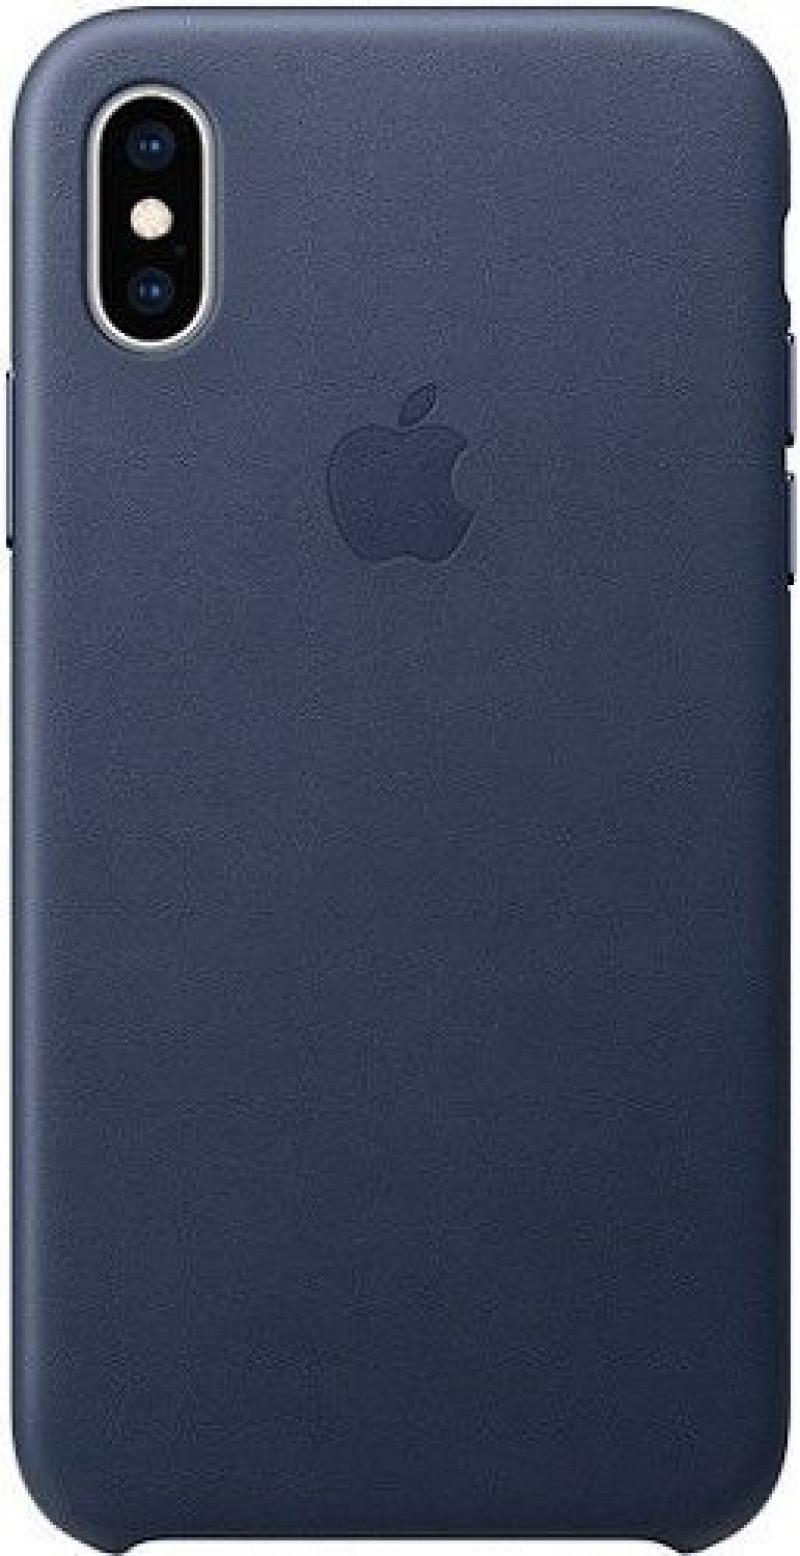 MRWN2ZM/A Apple Kožený Kryt pro iPhone X/XS Midnight Blue (EU Blister)